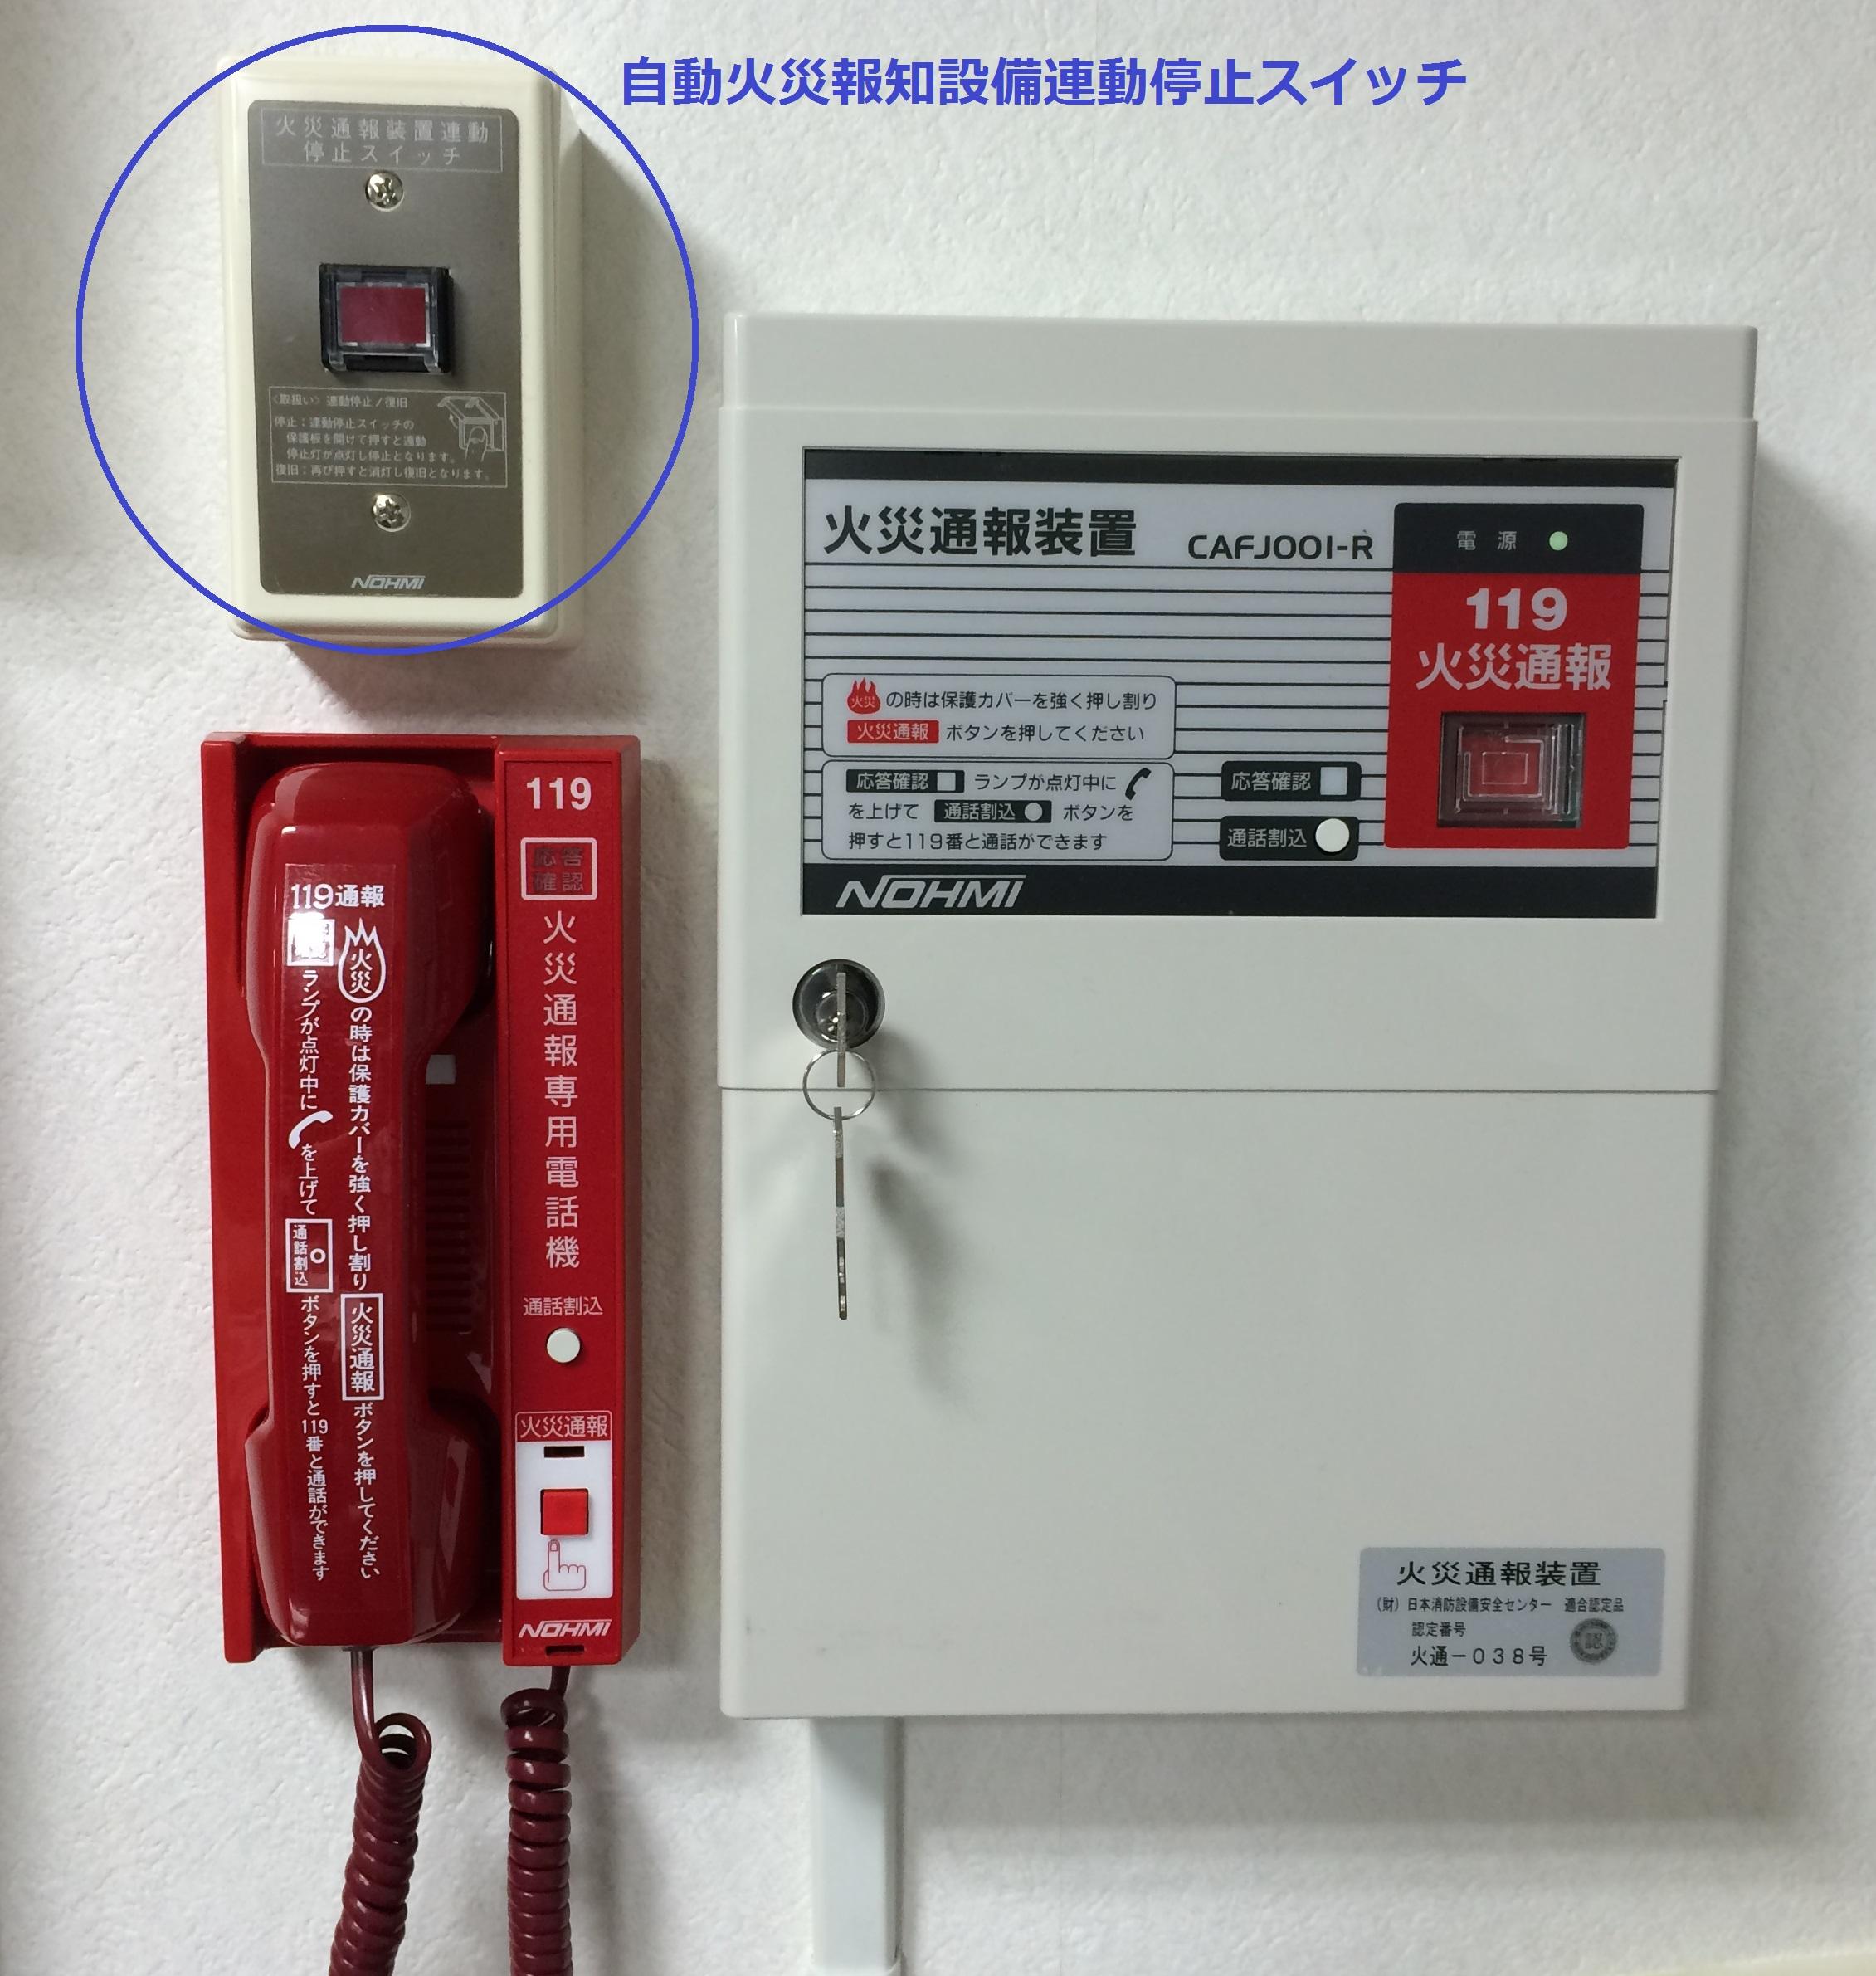 火災通報装置*自動火災報知設備との連動